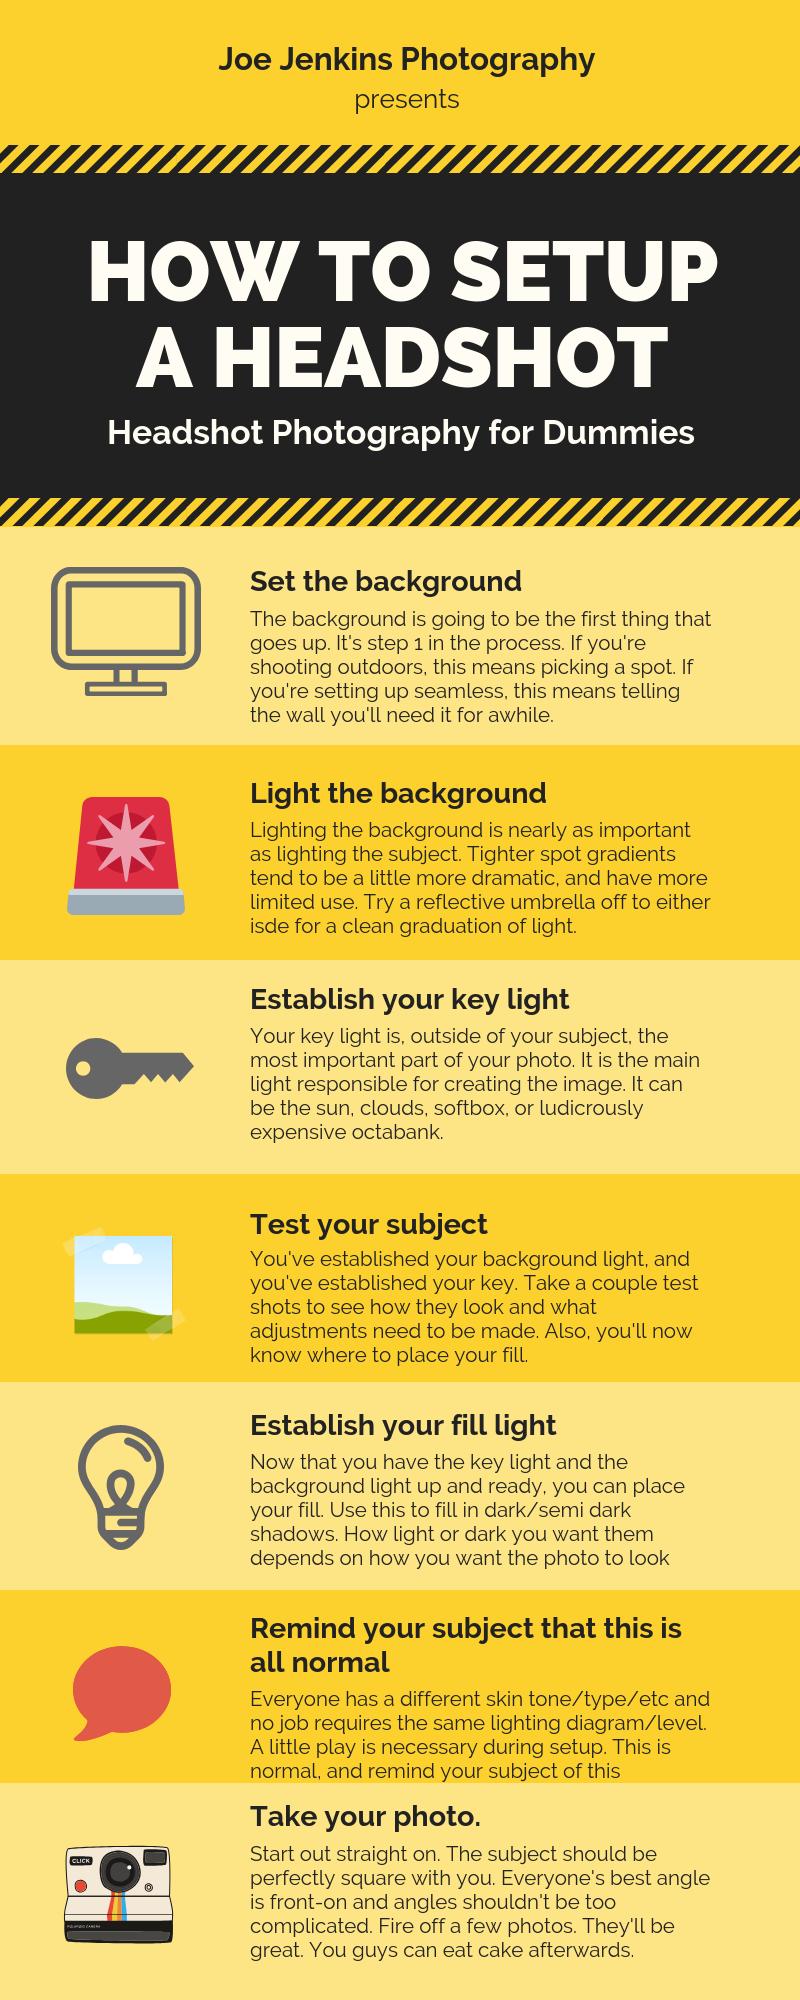 How to Setup a Headshot